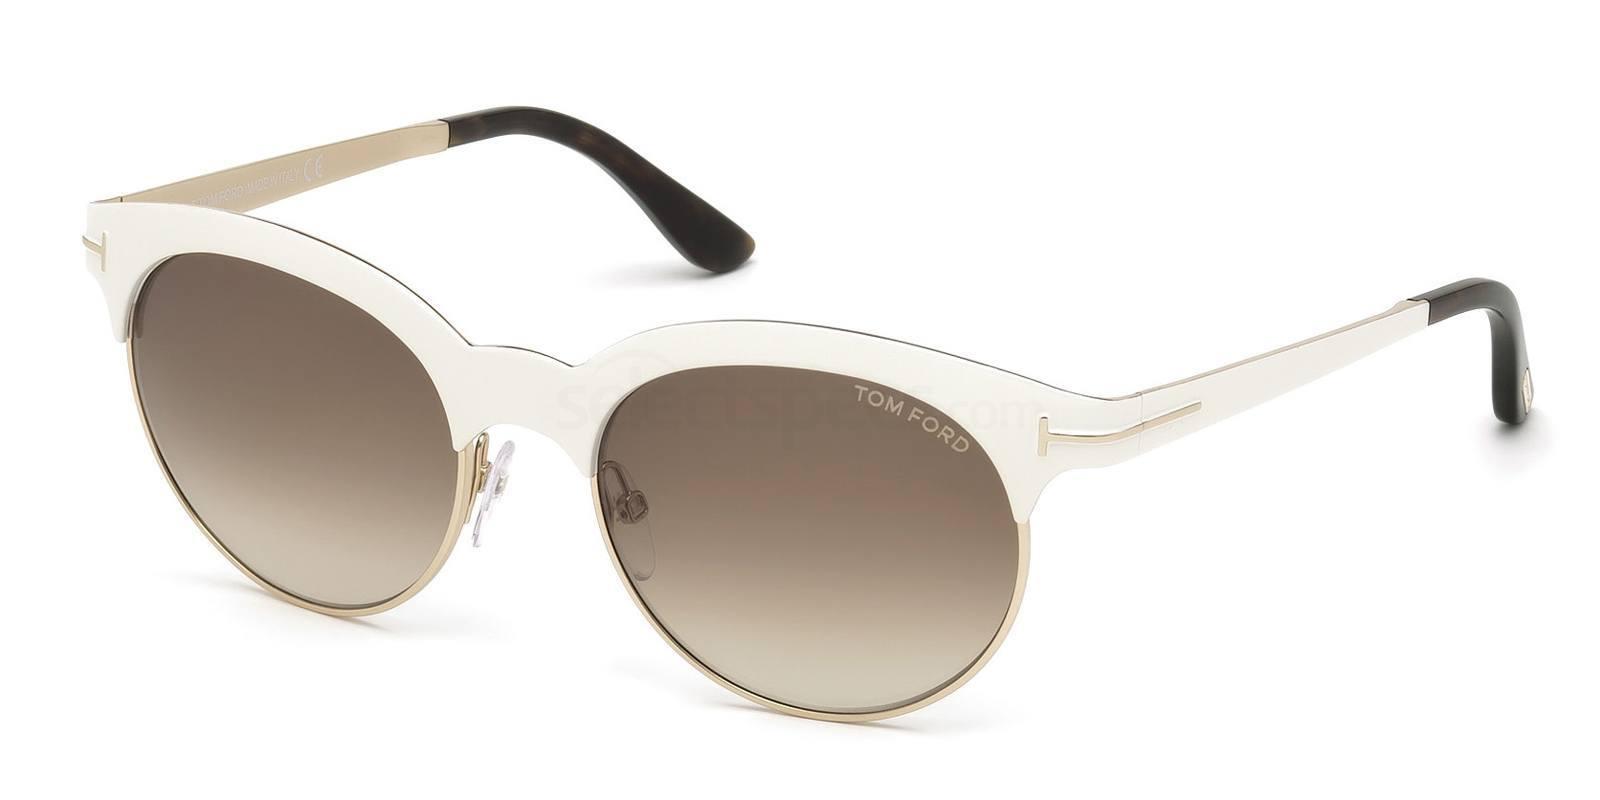 28F FT0438 Sunglasses, Tom Ford